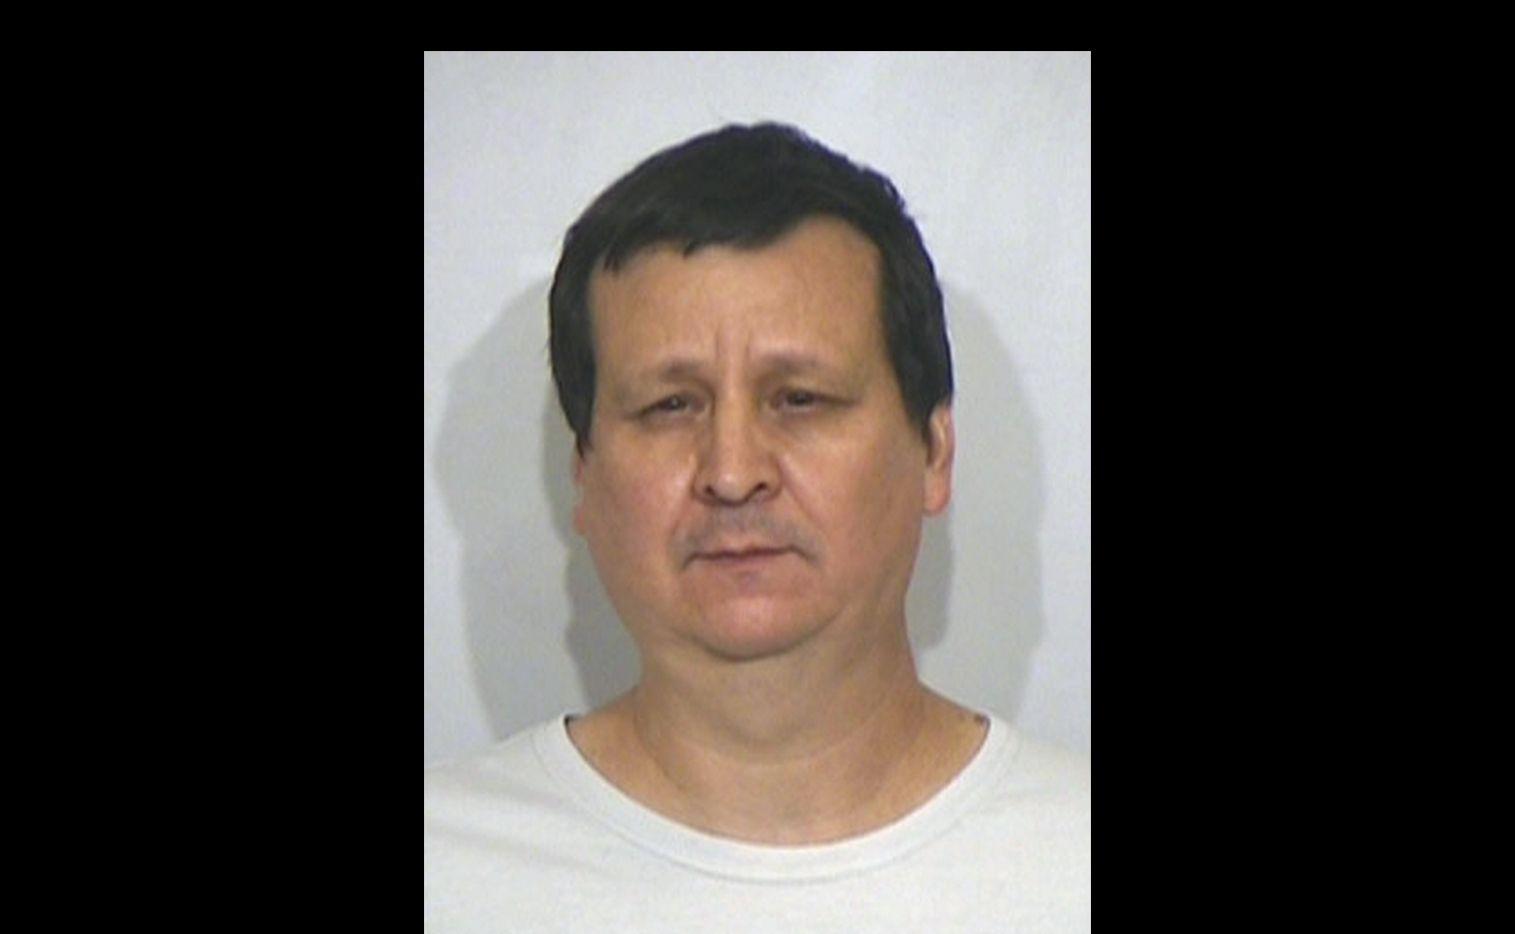 Fotografía de Edmund Charles Barrera, 51, cuando fue fichado en mayo 2018. (Cortesía: Irving PD).